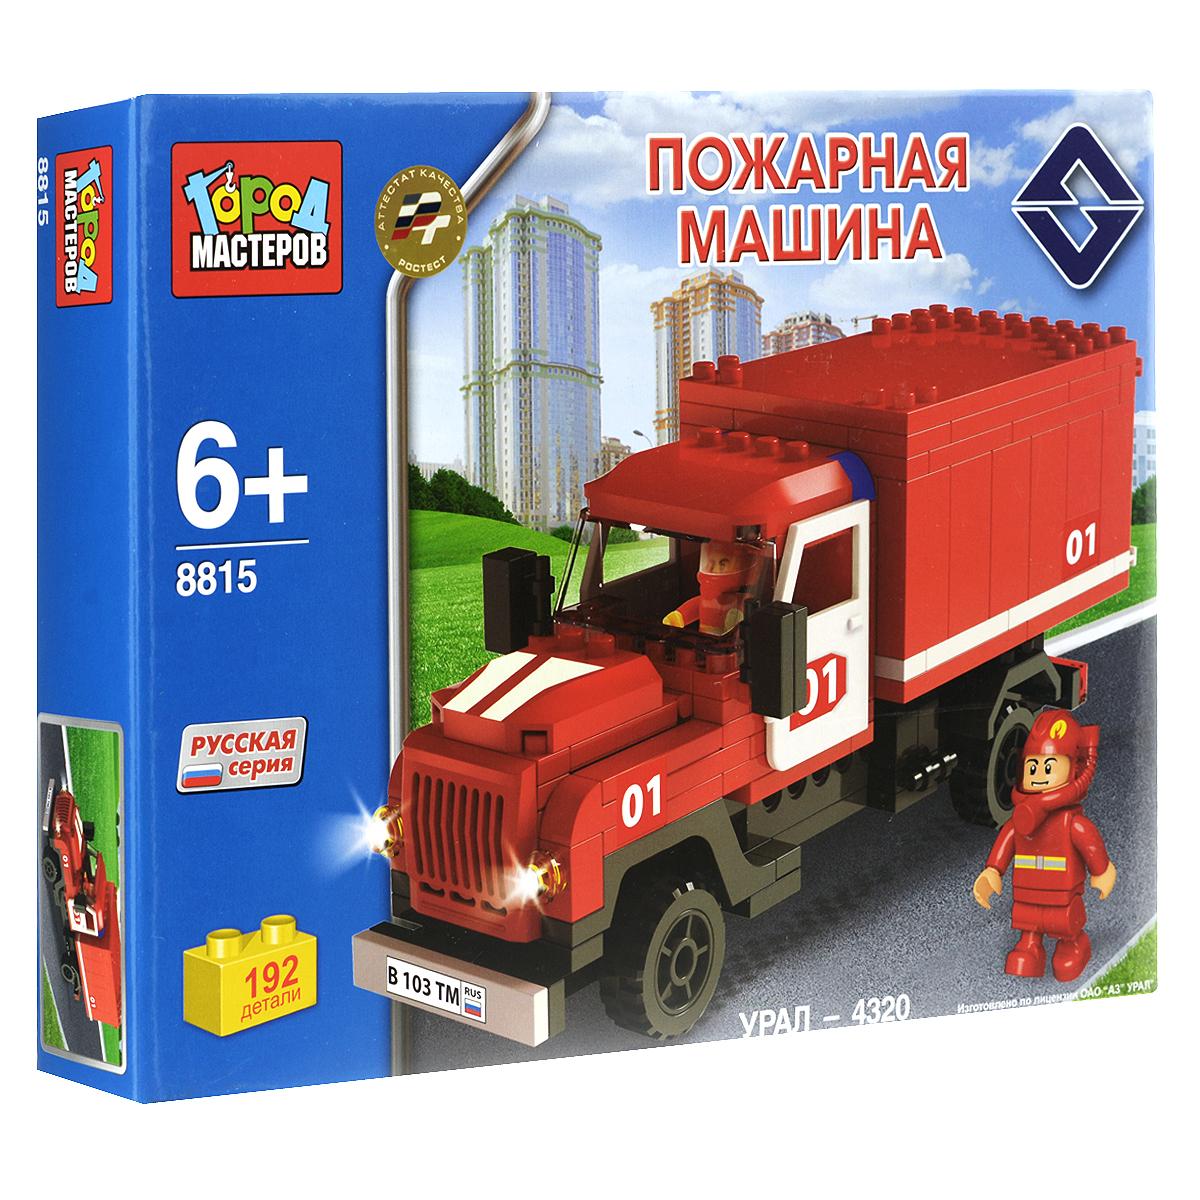 Город мастеров Конструктор Пожарная машина Урал-4320BB-8815-R2Конструктор Город Мастеров Пожарная машина Урал-4320 не позволит скучать вашему ребенку. В набор входят 192 пластиковых элемента, с помощью которых он сможет собрать подвижную модель пожарной машины (открываются двери кабины и фургона, а также капот). Машина имеет расцветку, как у настоящей пожарной машины и надпись 01 на двери кабины. Элементы конструктора легко скрепляются между собой, а также совместимы с конструкторами мировых производителей. Комплект включает фигурку пожарного. Сборка конструктора поможет ребенку развить инженерные и конструкторские способности, научиться концентрировать внимание, а также способствует развитию логического и абстрактного мышления, фантазии и тренировке мелкой моторики.